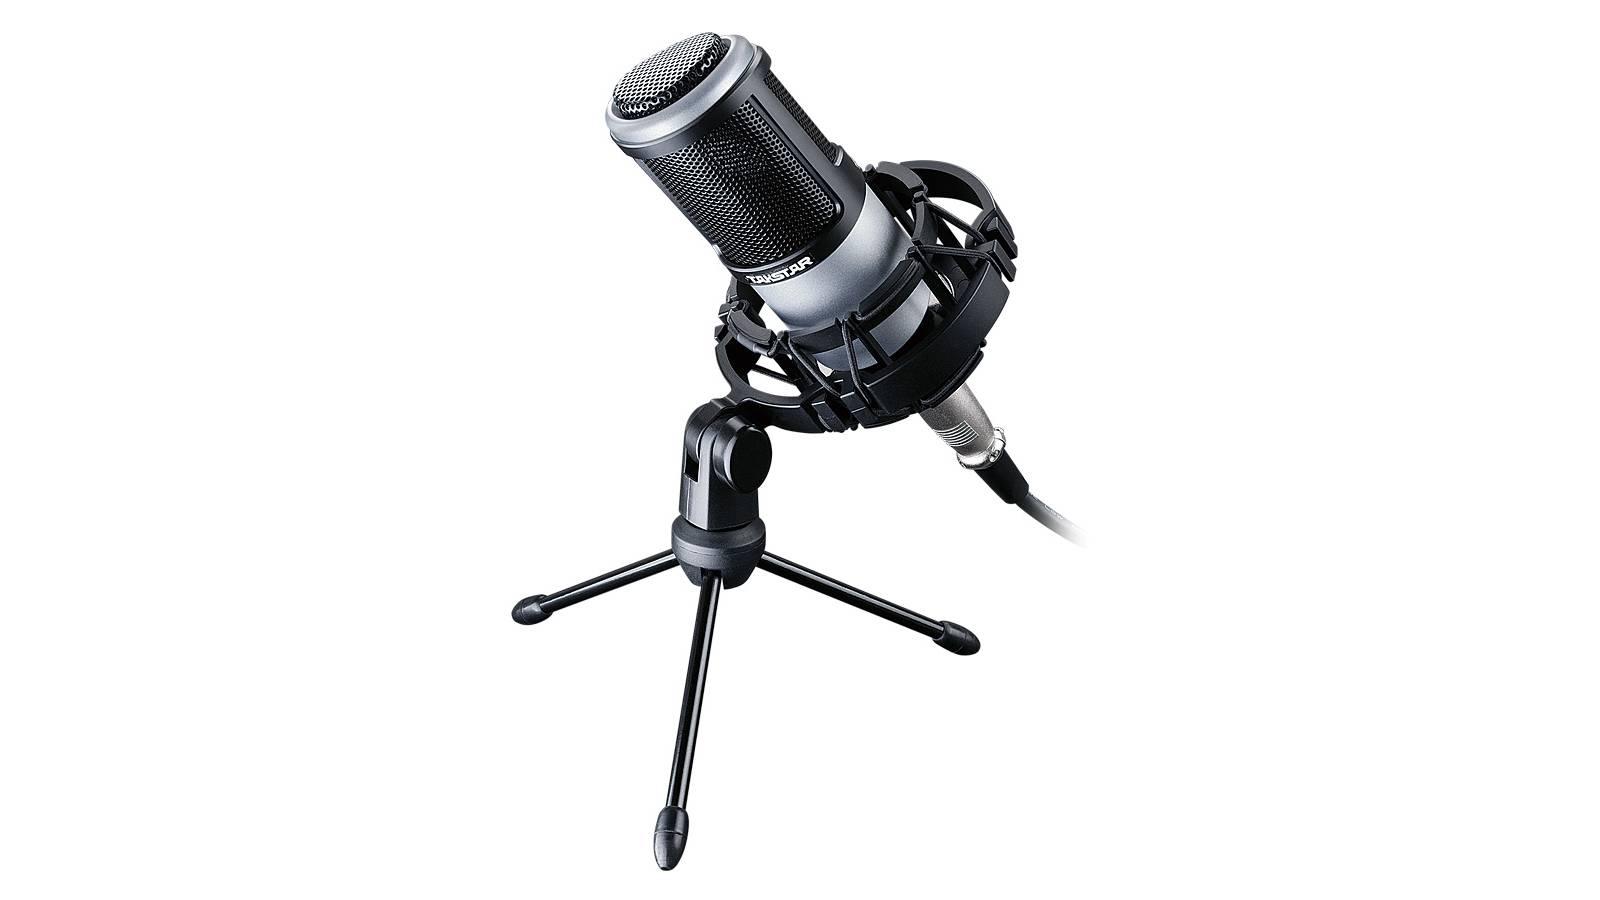 Kit de Microfono Condensador Takstar PC-K320 Gran Rendimiento